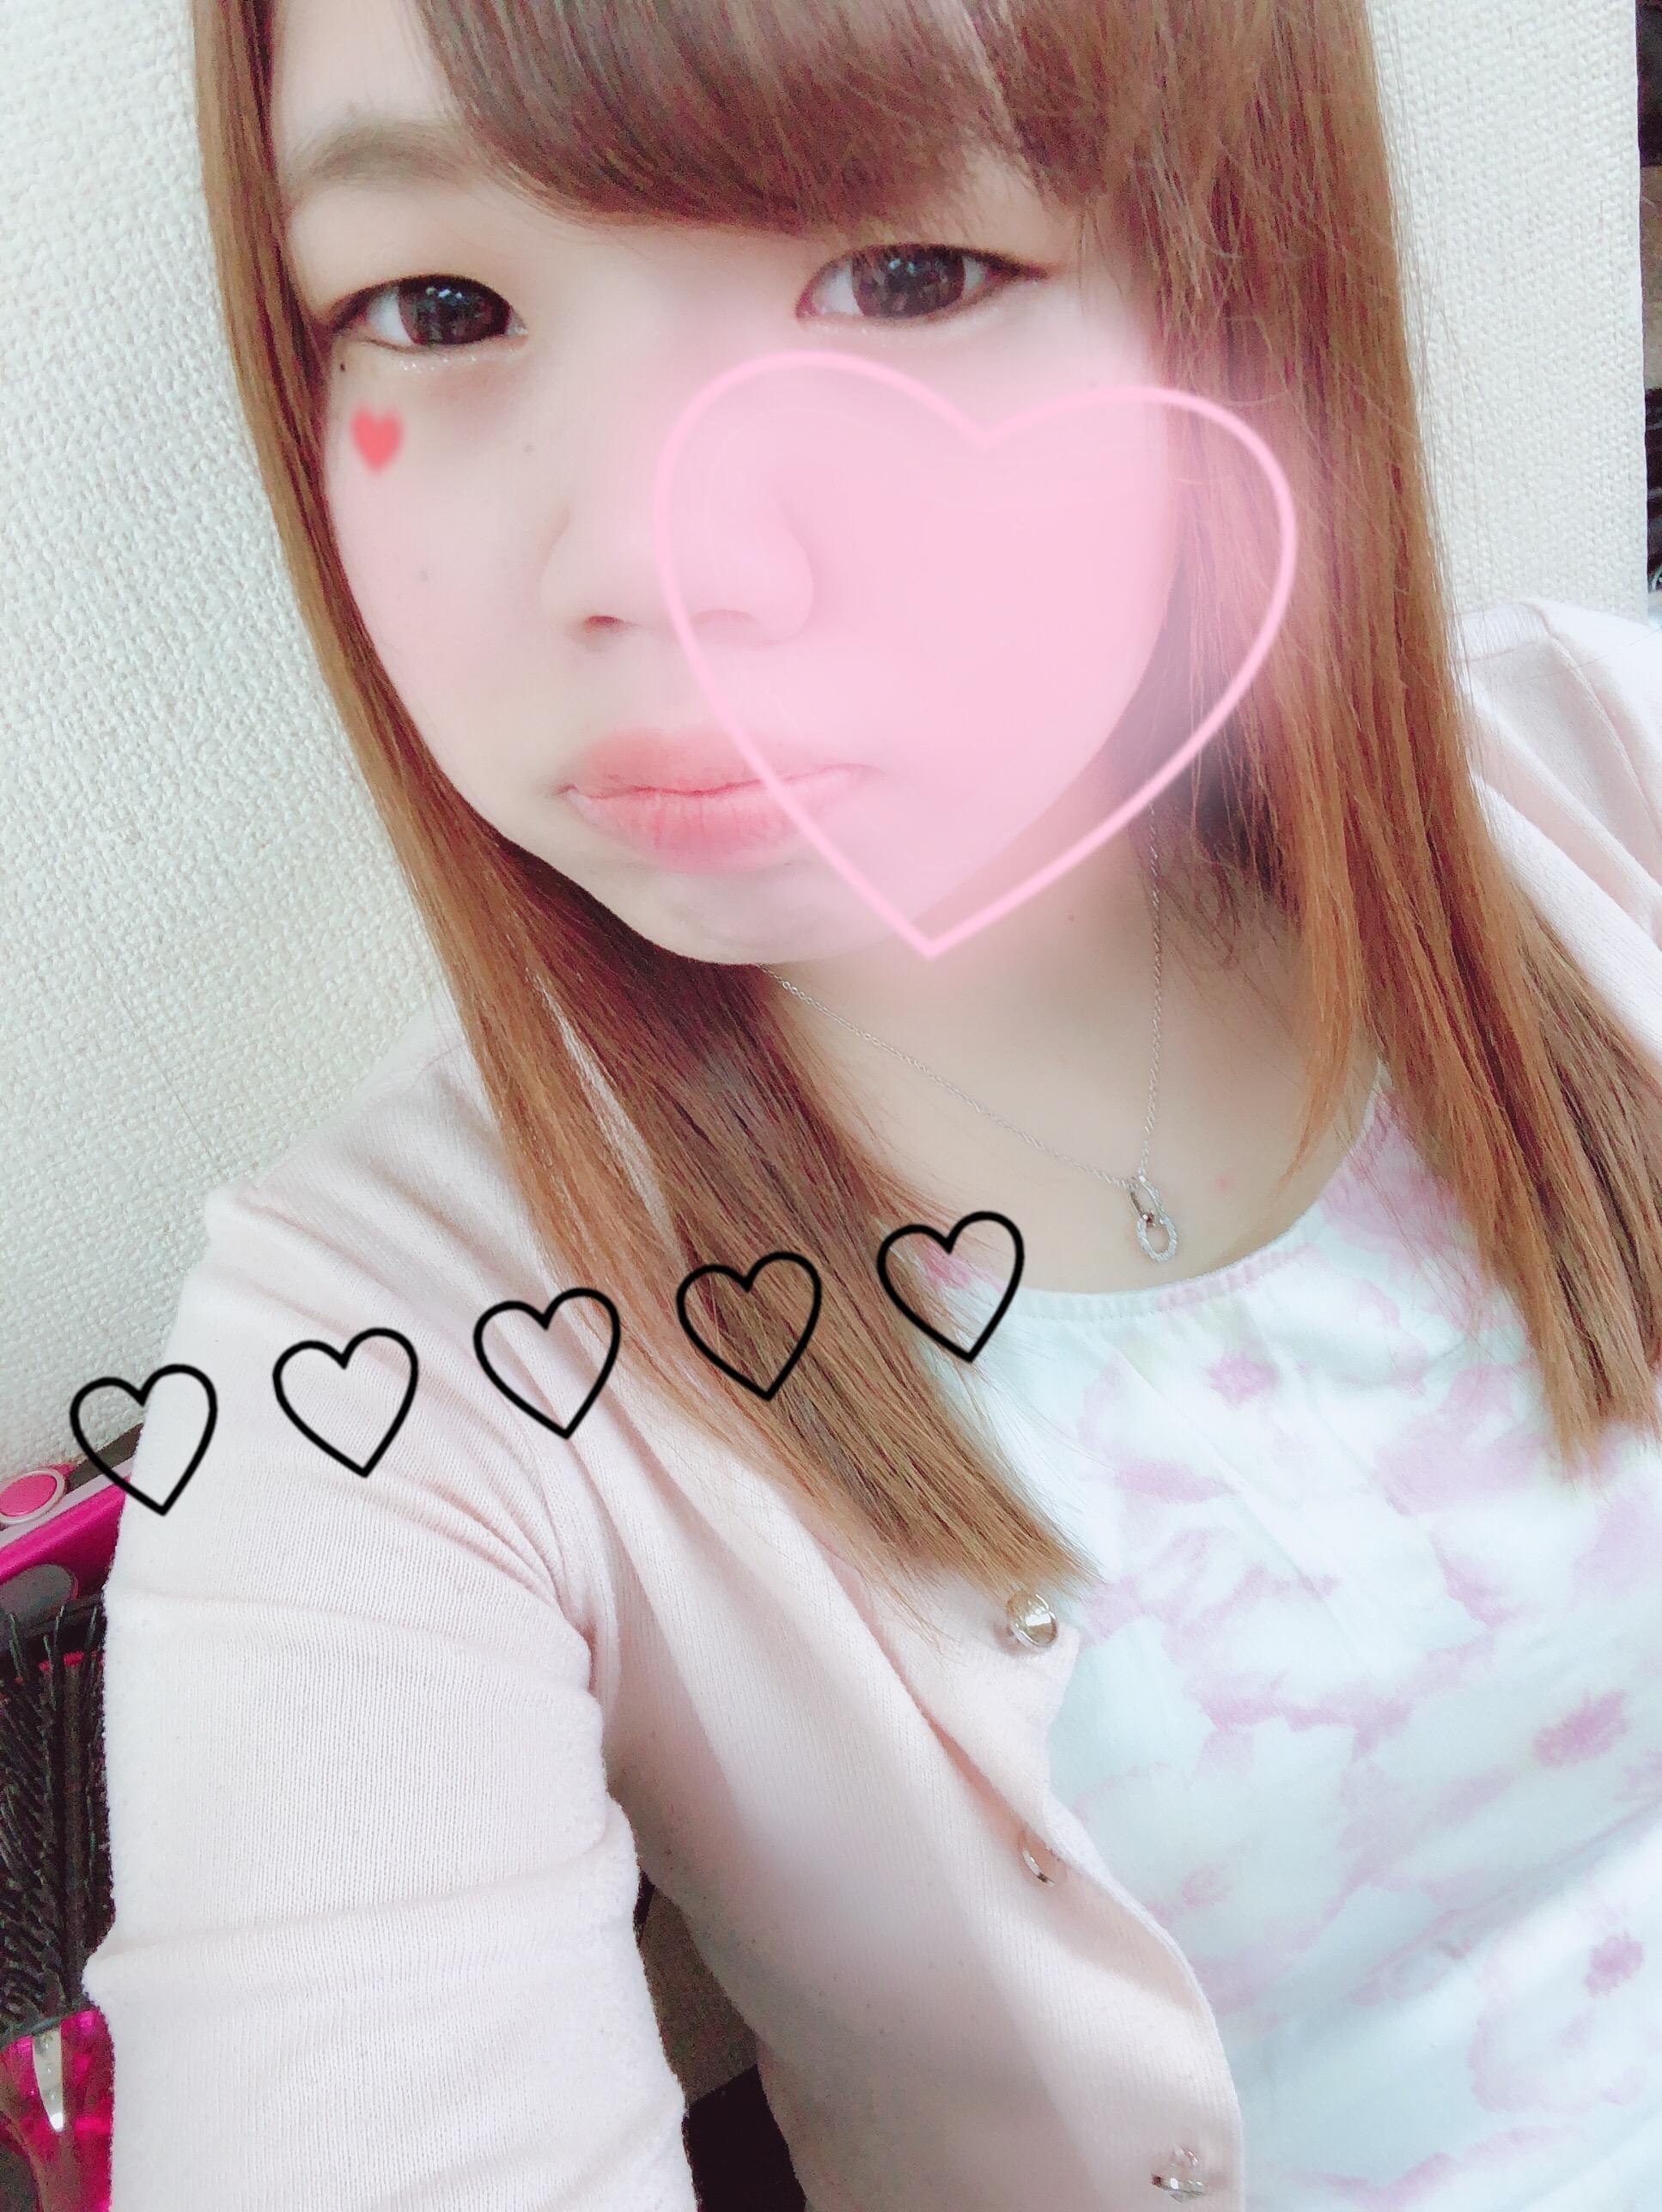 「こんにちは♡♡」09/23(09/23) 19:11 | 高梨なぎさの写メ・風俗動画